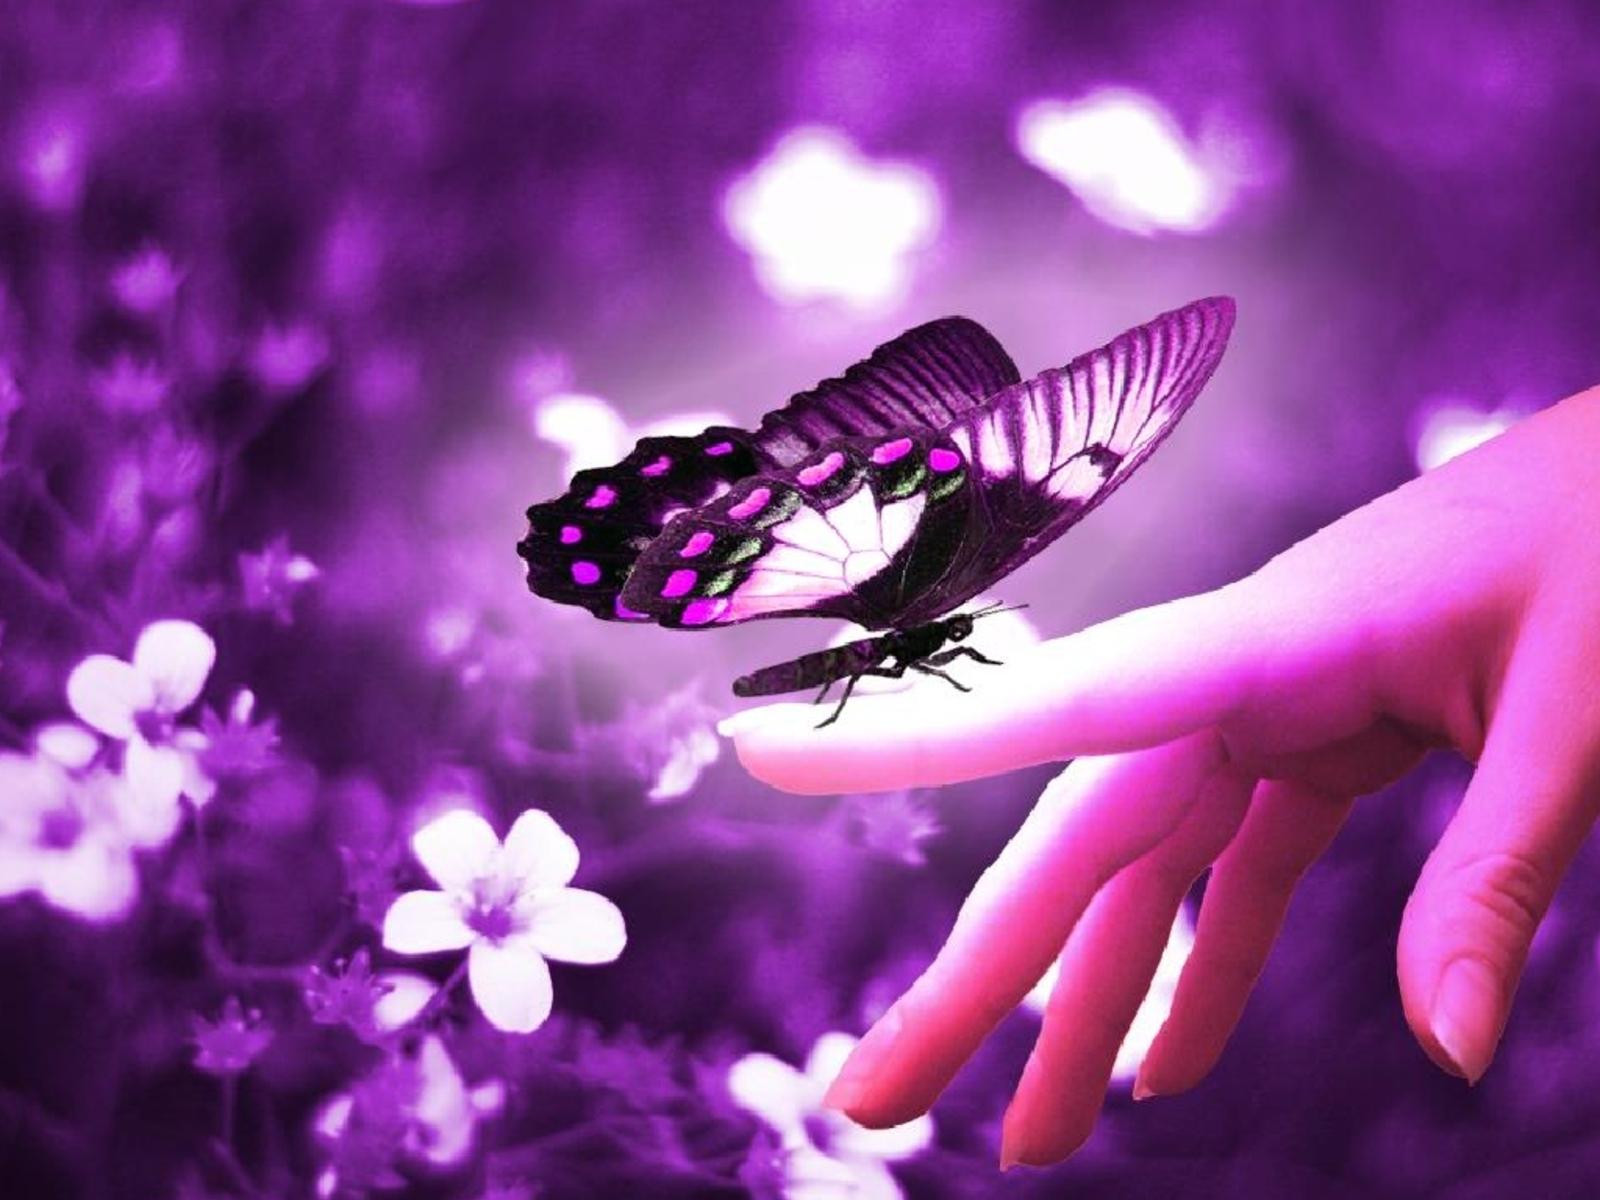 Beautiful Butterflies   Butterflies Wallpaper 9481170 1600x1200